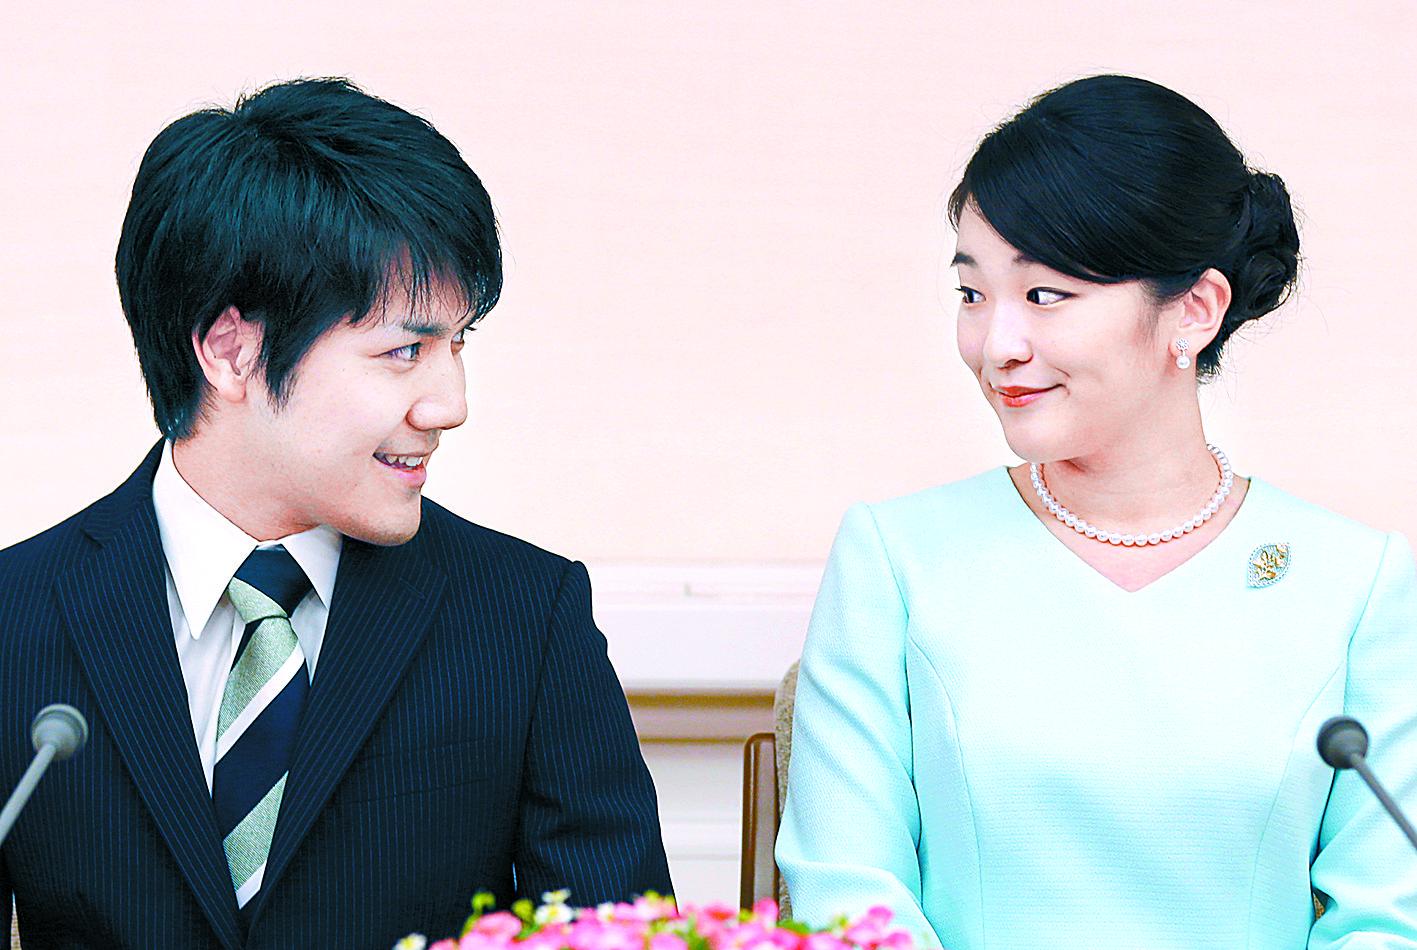 아키히토(明仁) 일왕의 큰손녀 마코(사진 오른쪽) 공주가 대학 동기 회사원과 약혼했다. AP=연합뉴스